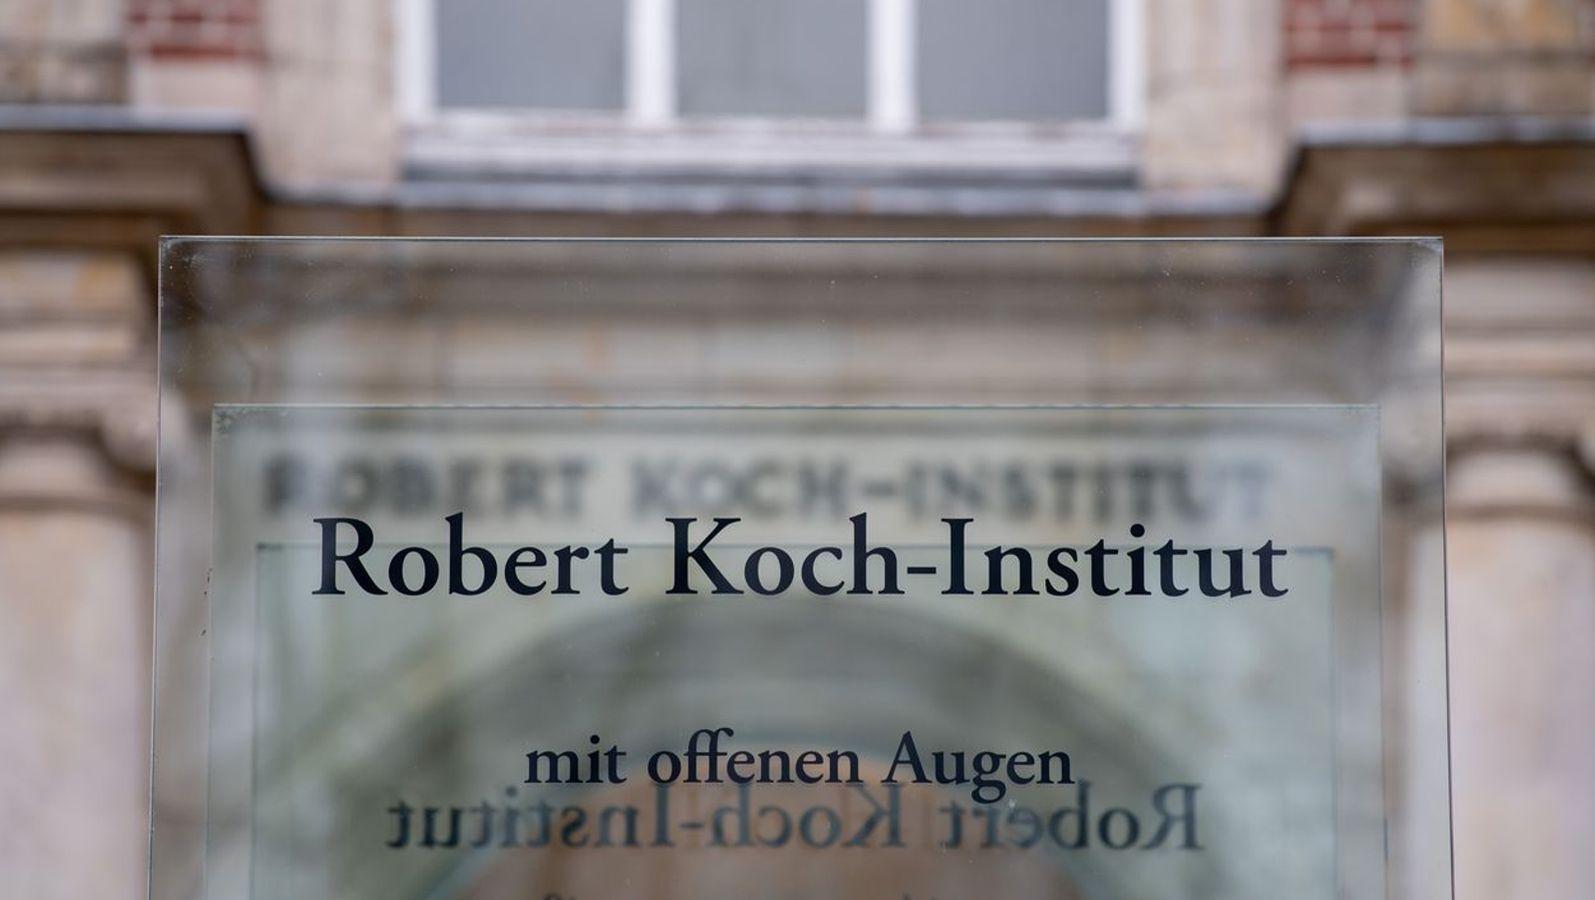 Deutschlandweit: Höchste und niedrigste Inzidenz in Bayern - BR24